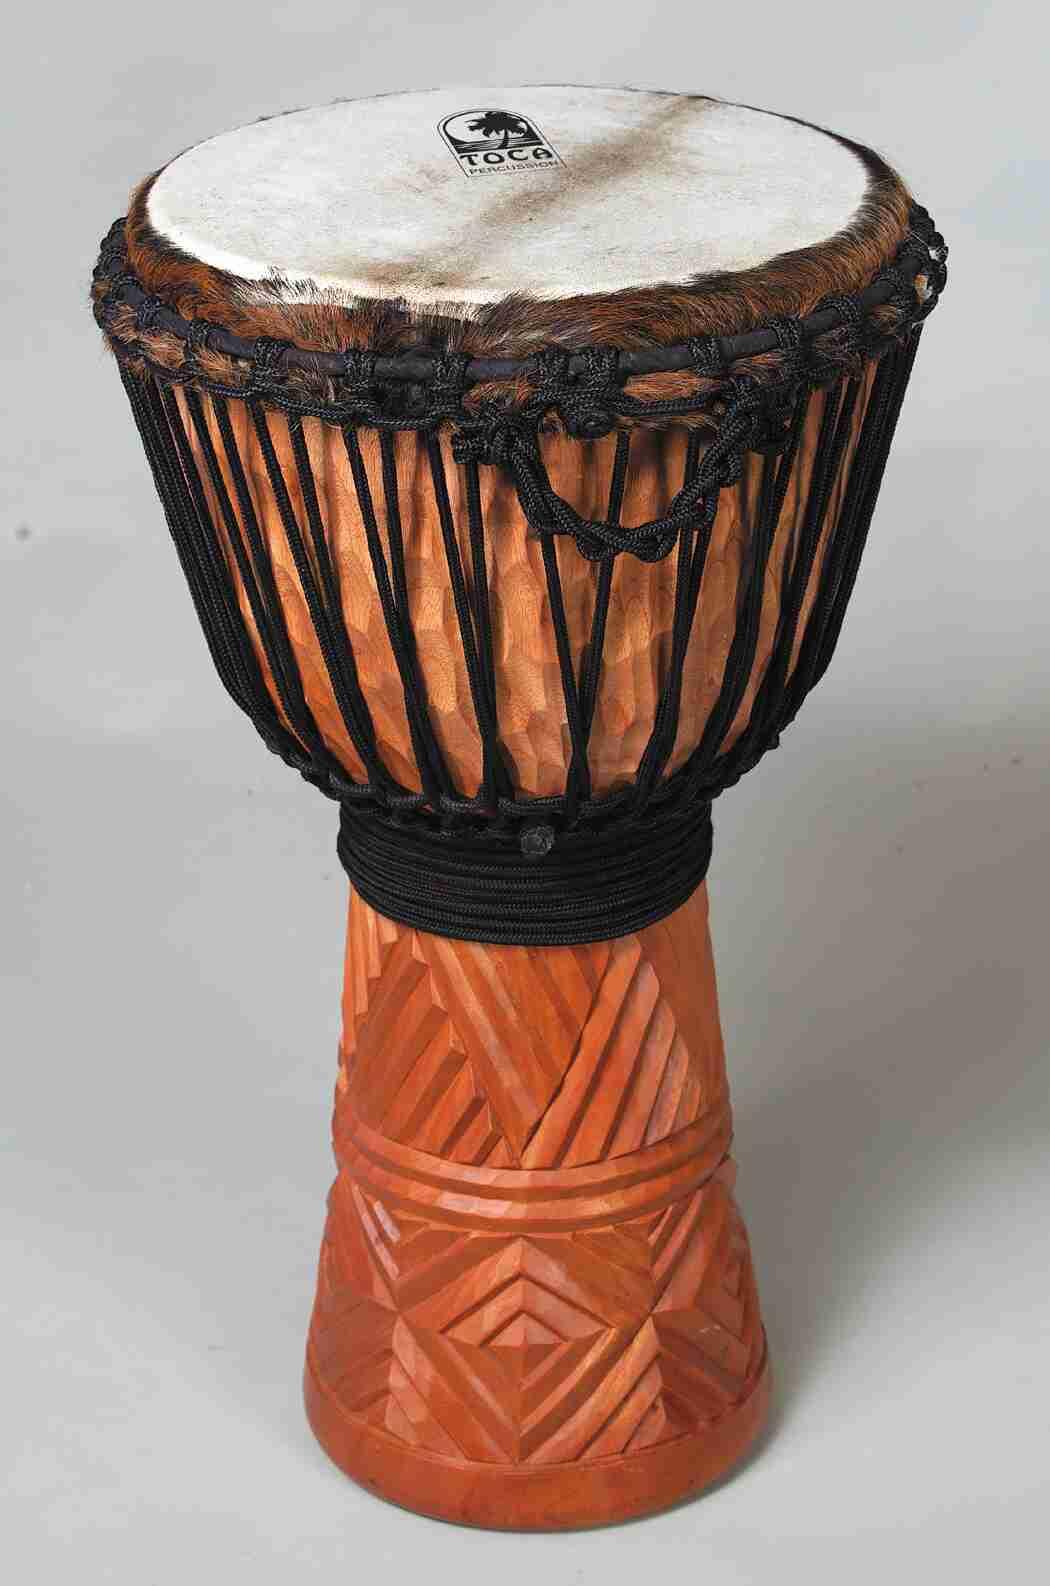 Beberapa Alat Musik Tradisional Tradisional